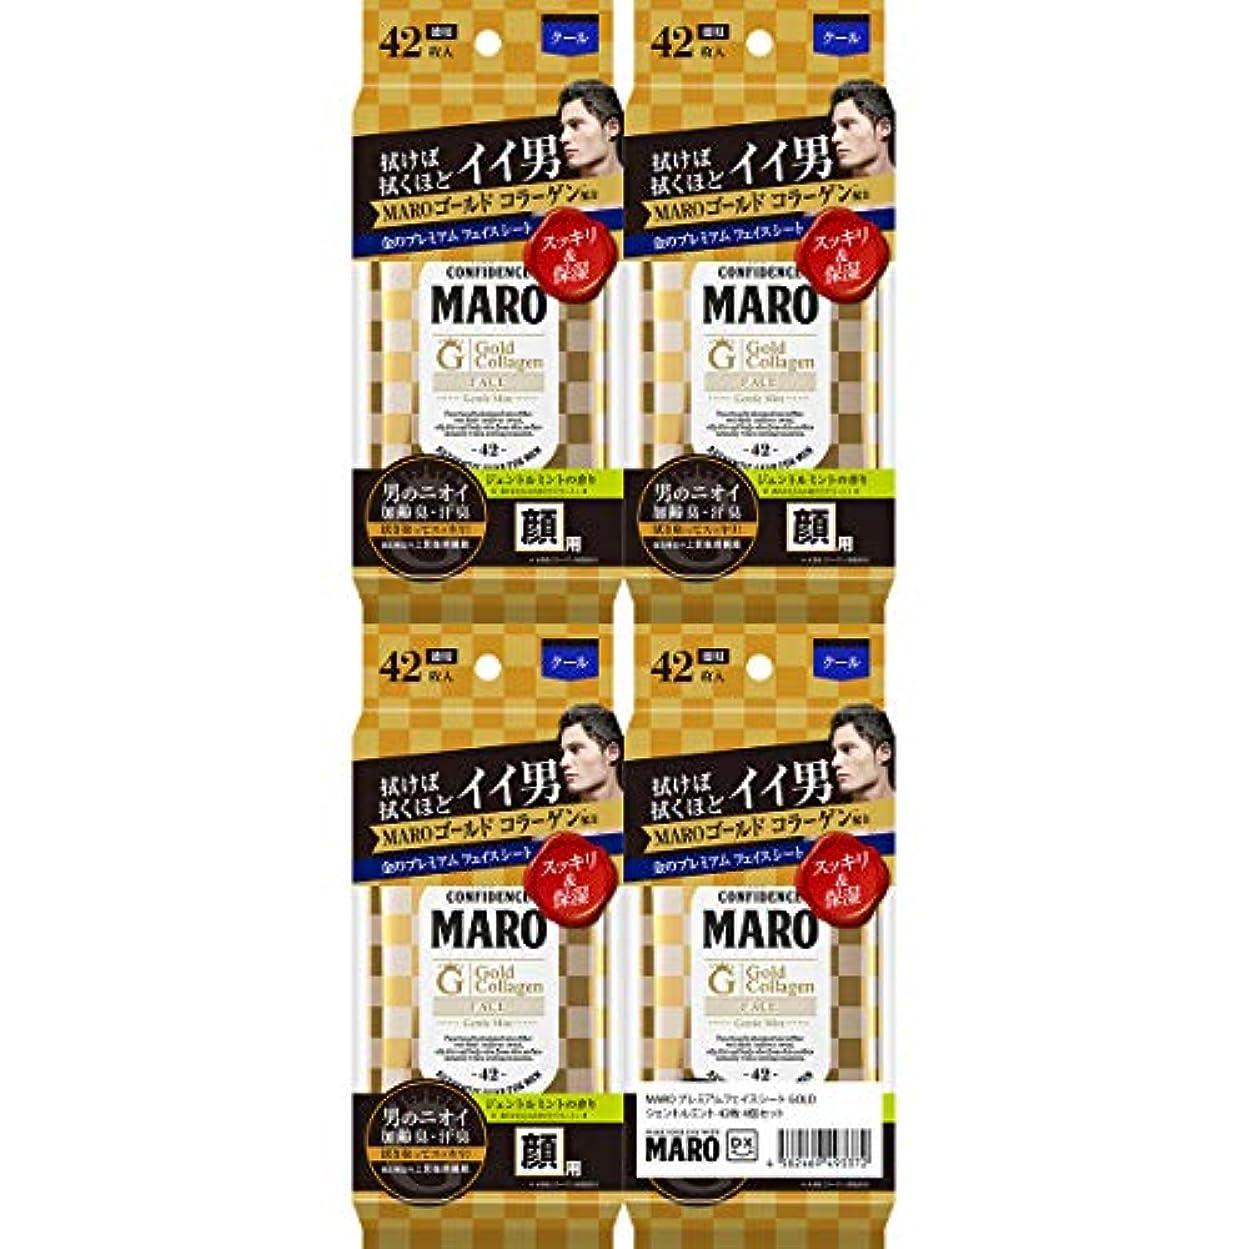 焦げ後ろ、背後、背面(部意志[Amazon限定ブランド] MARO DX プレミアム フェイスシート GOLD ジェントルミントの香り 42枚×4